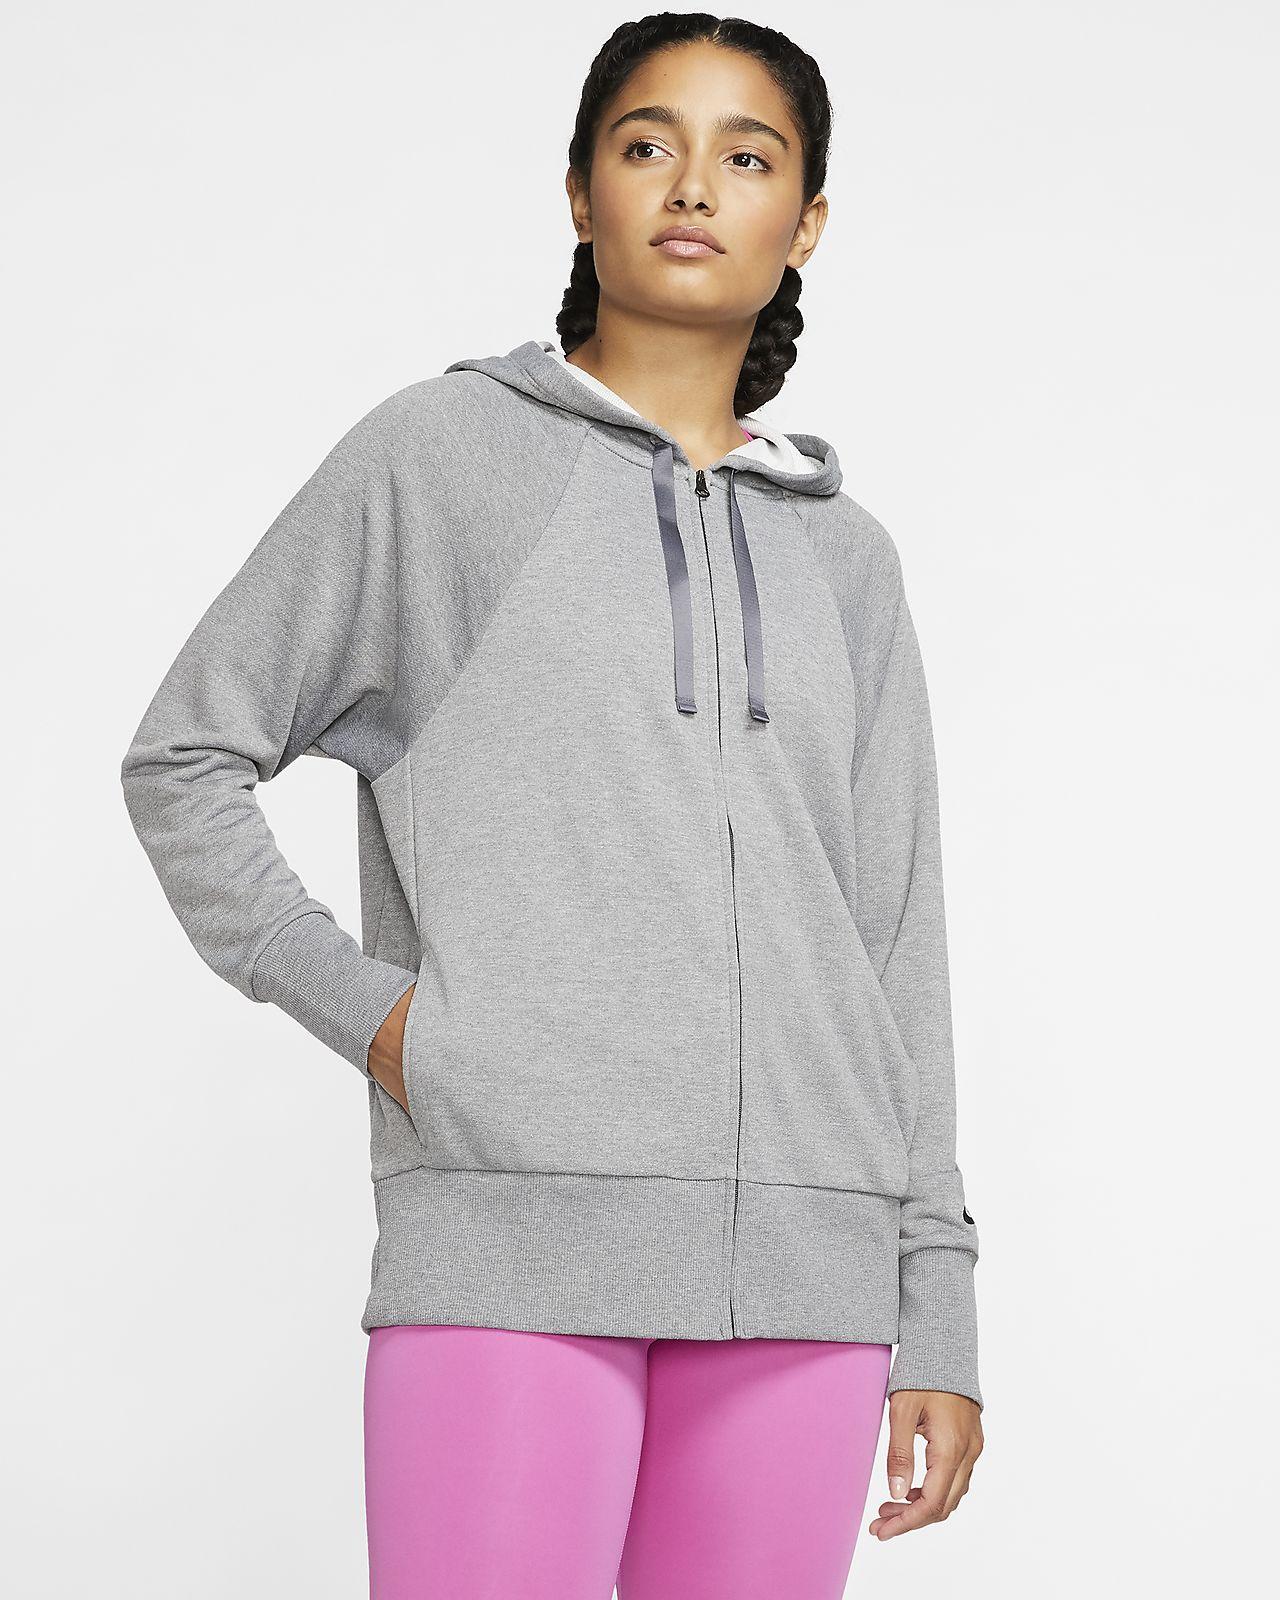 Женская флисовая худи для тренинга с молнией во всю длину Nike Dri-FIT Get Fit